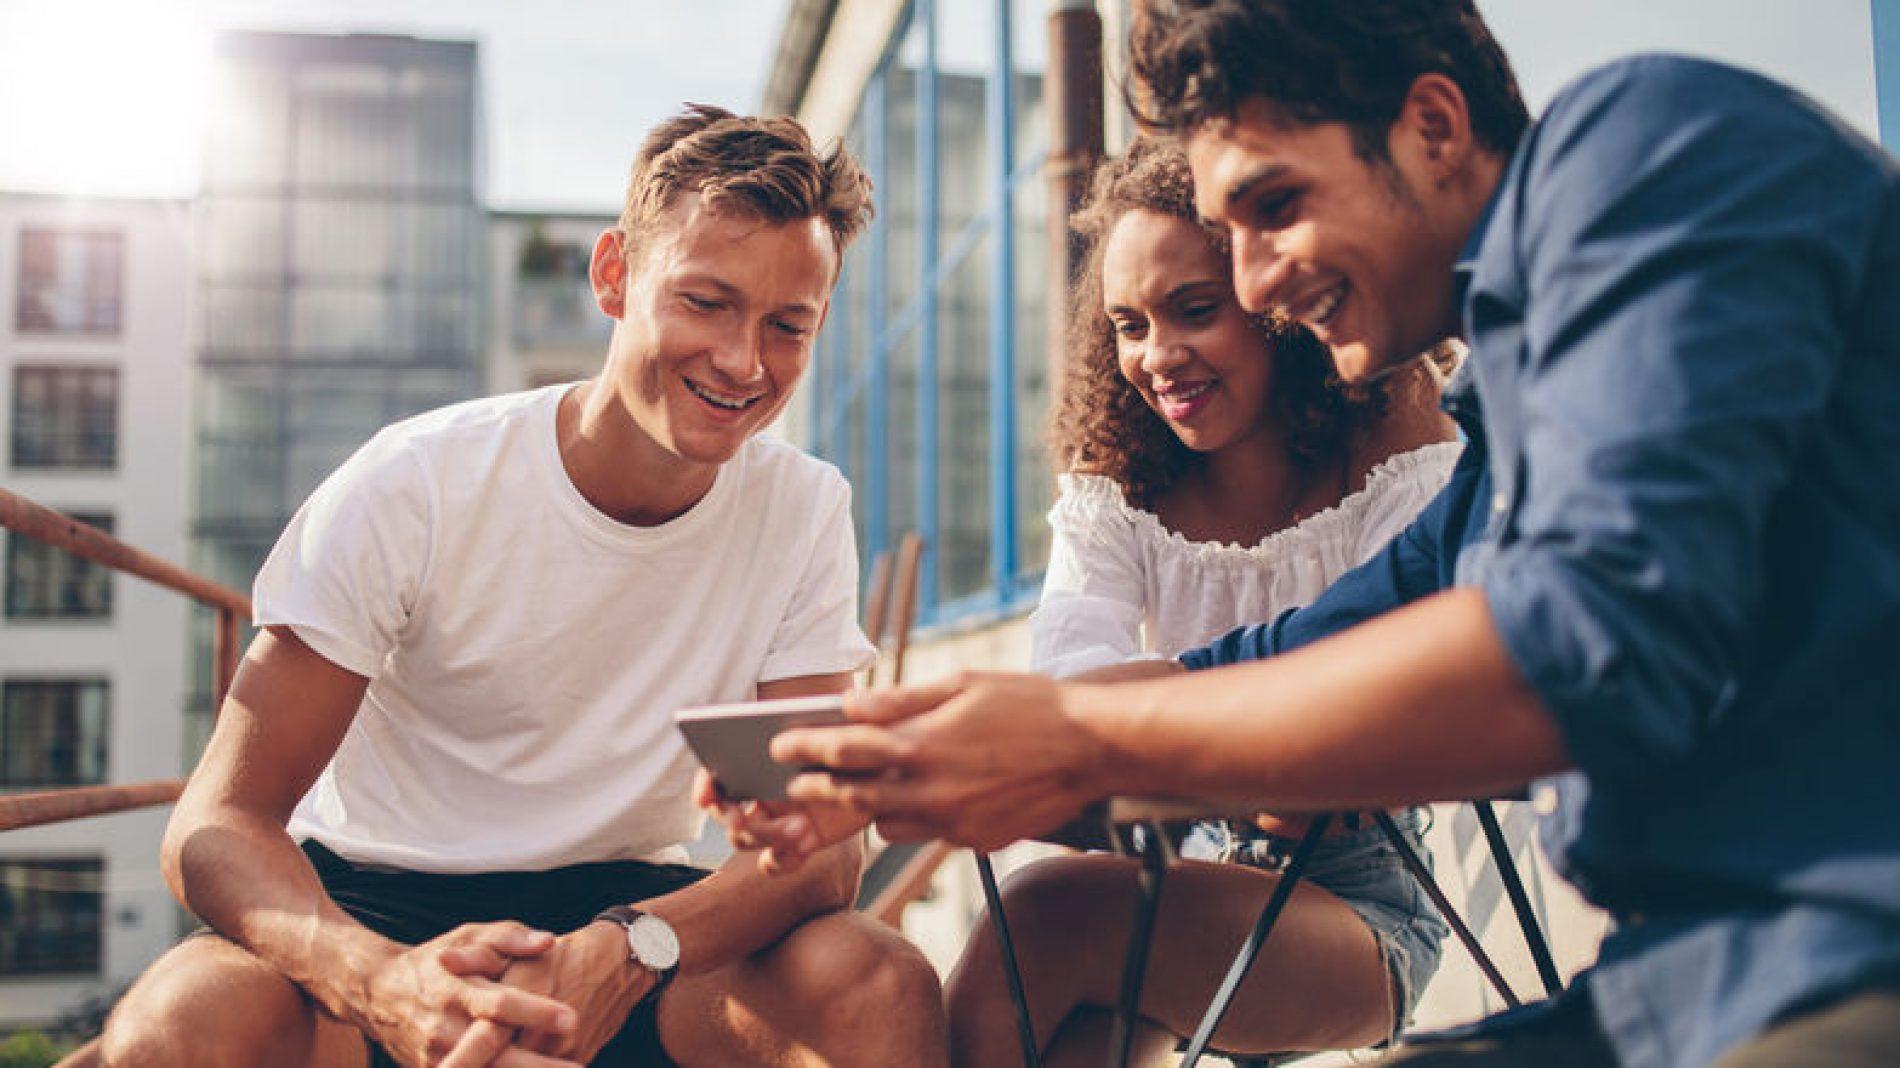 Are social media detoxes a good idea